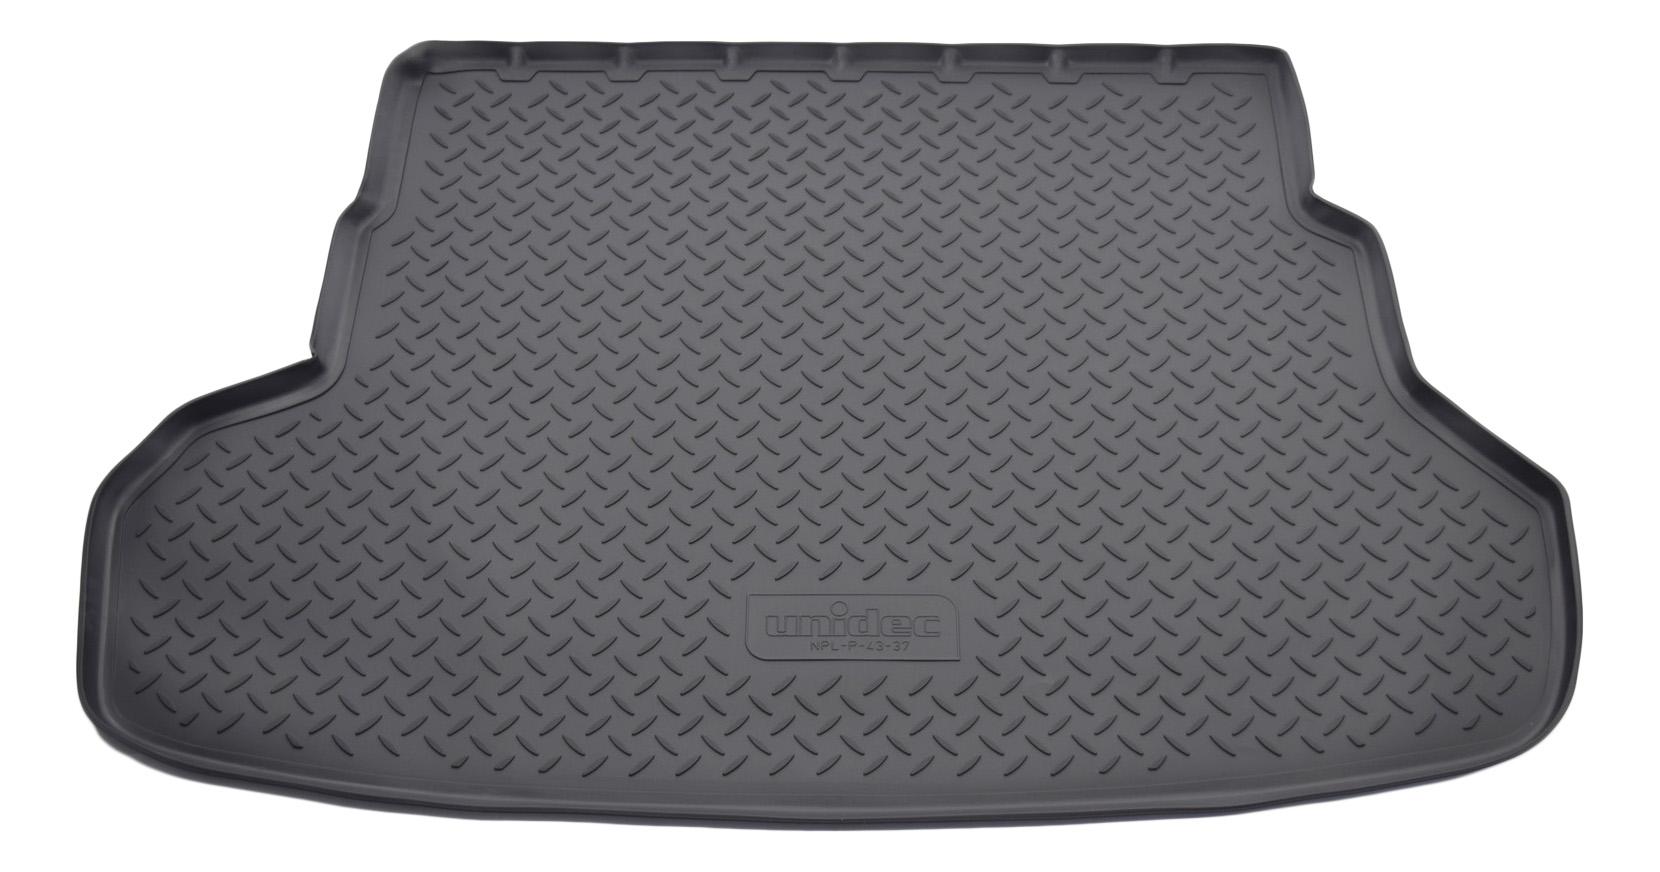 Коврик в багажник автомобиля для KIA Norplast (NPL-P-43-37)